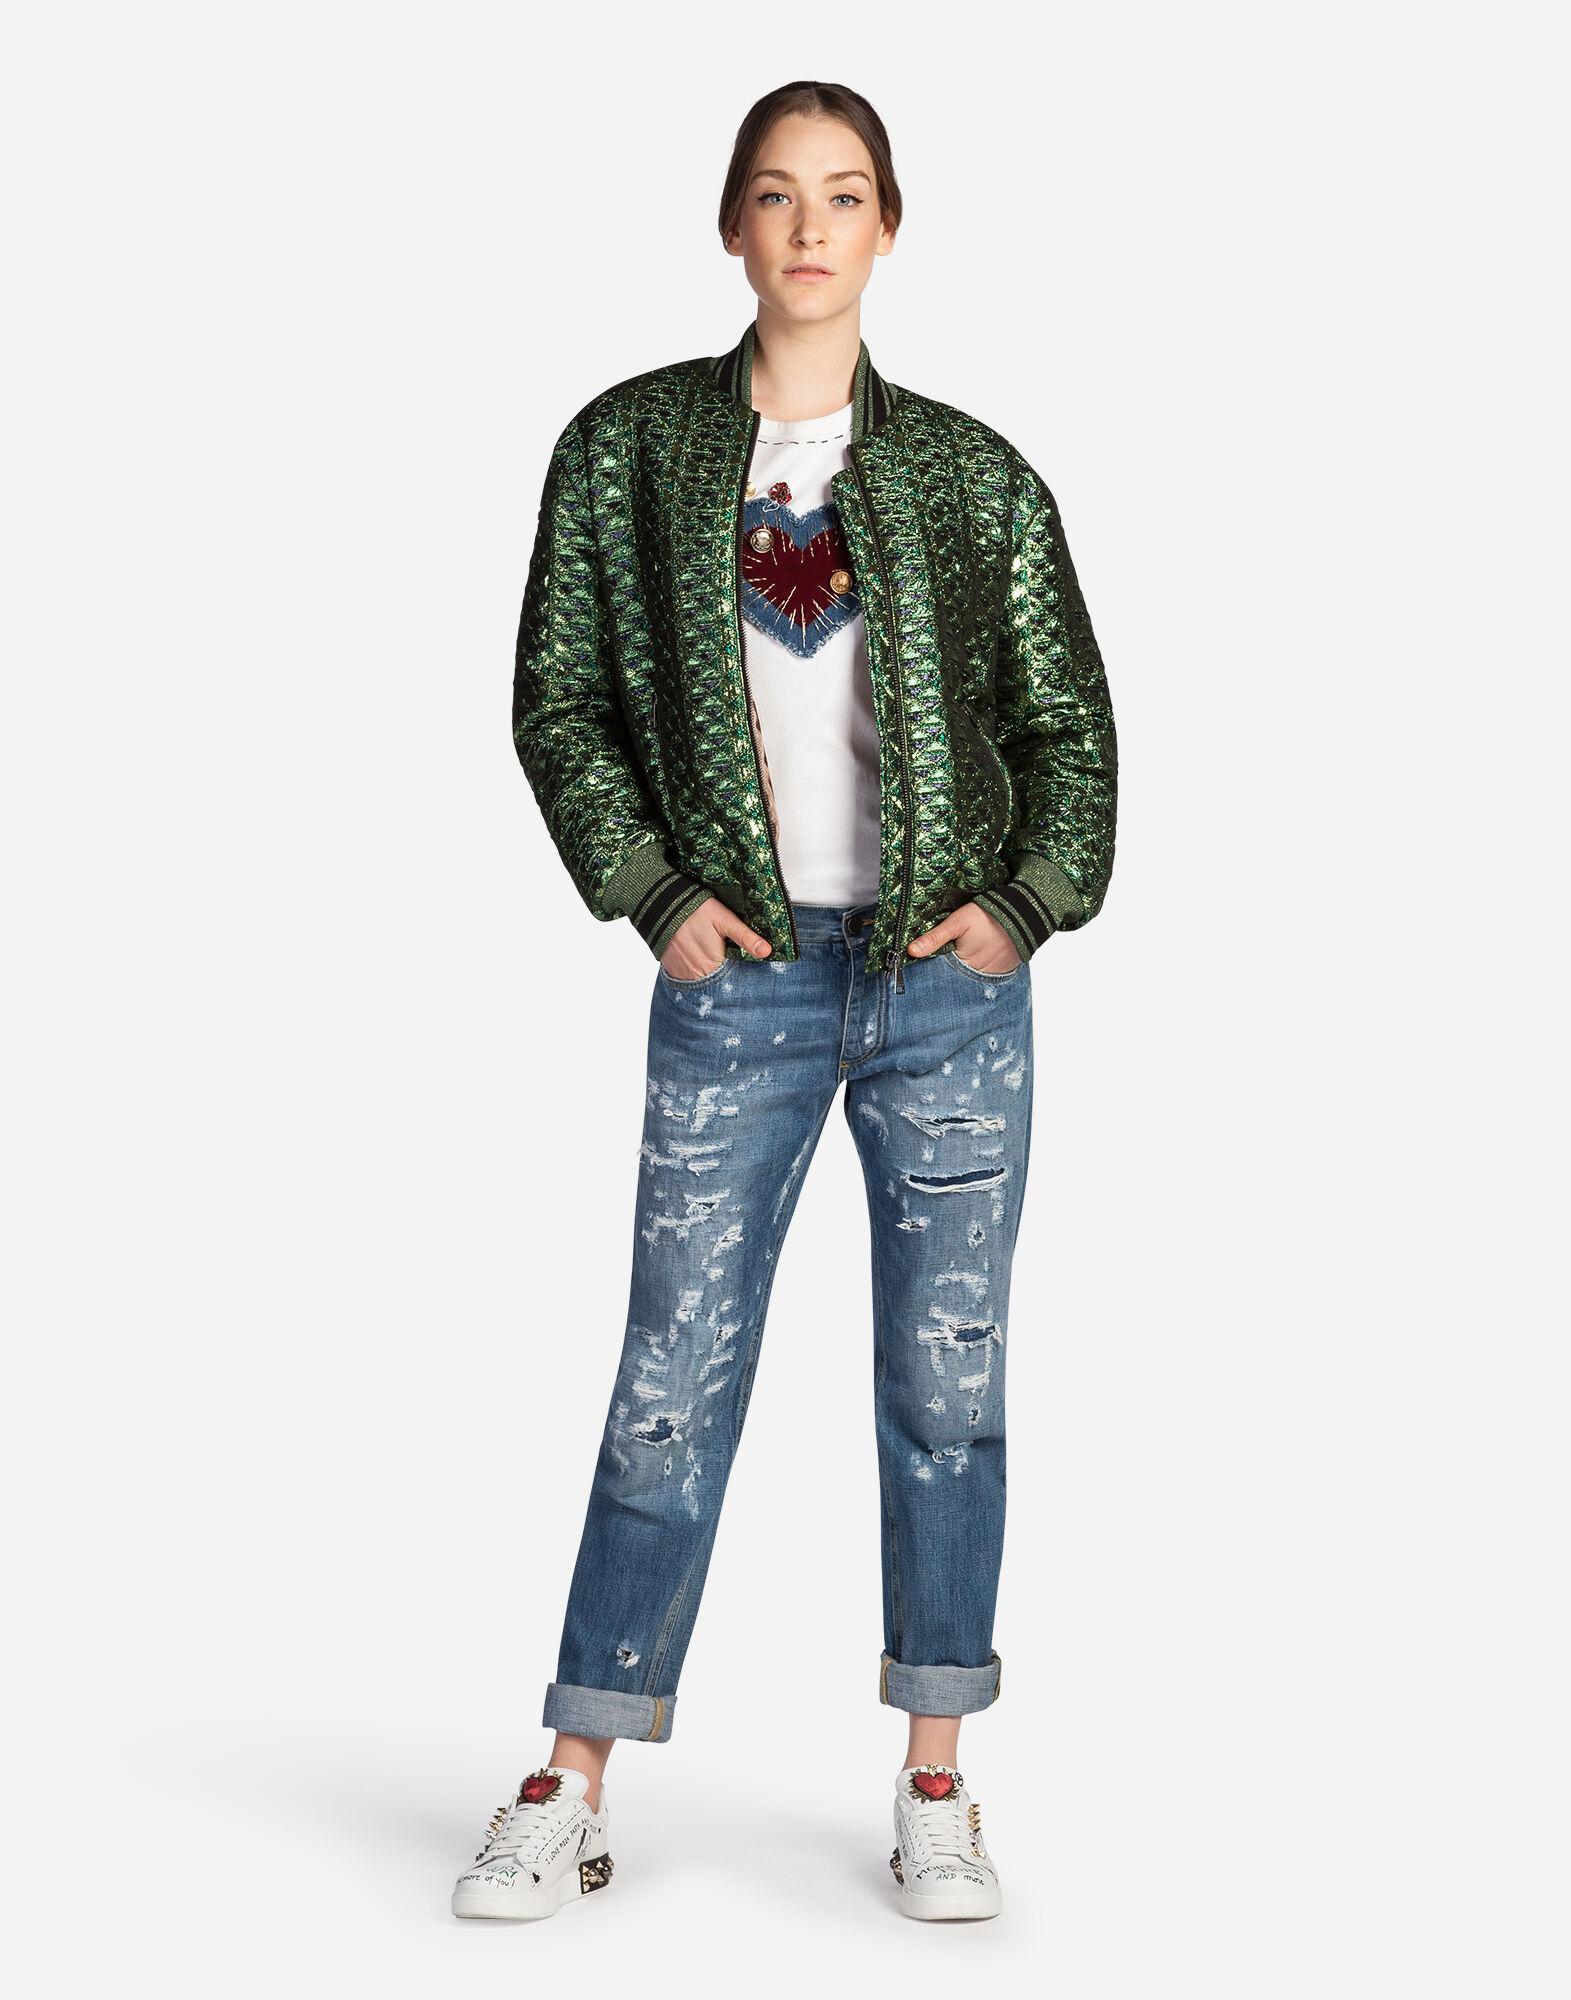 Dolce&Gabbana JACQUARD BOMBER JACKET